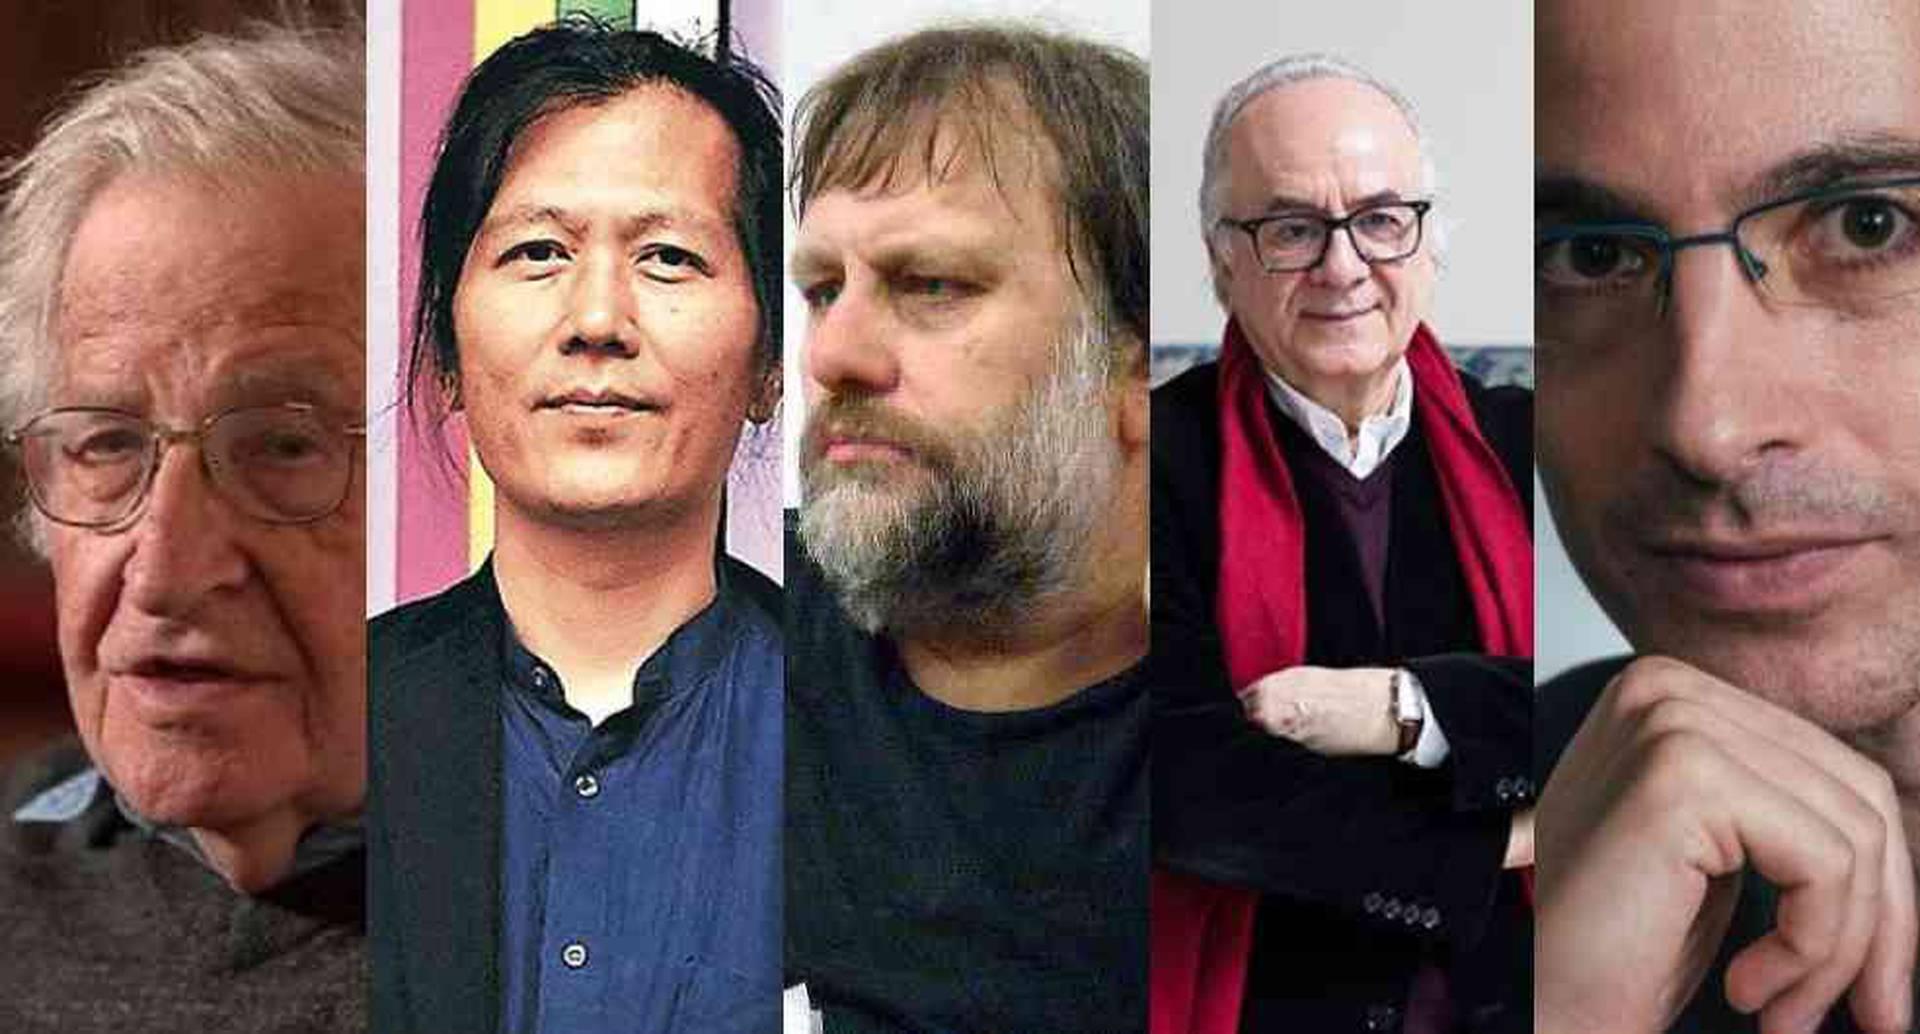 De izquierda a derecha: Noam Chomsky,  Byung-Chul Han (Foto lista Arcadia edición 2014 impresa), Slavoj Žižek (Foto Flickr.com), Boaventura de Sousa Santos (Foto de la Feria del Libro) y Yuval Noah Harari (Archivo personal)